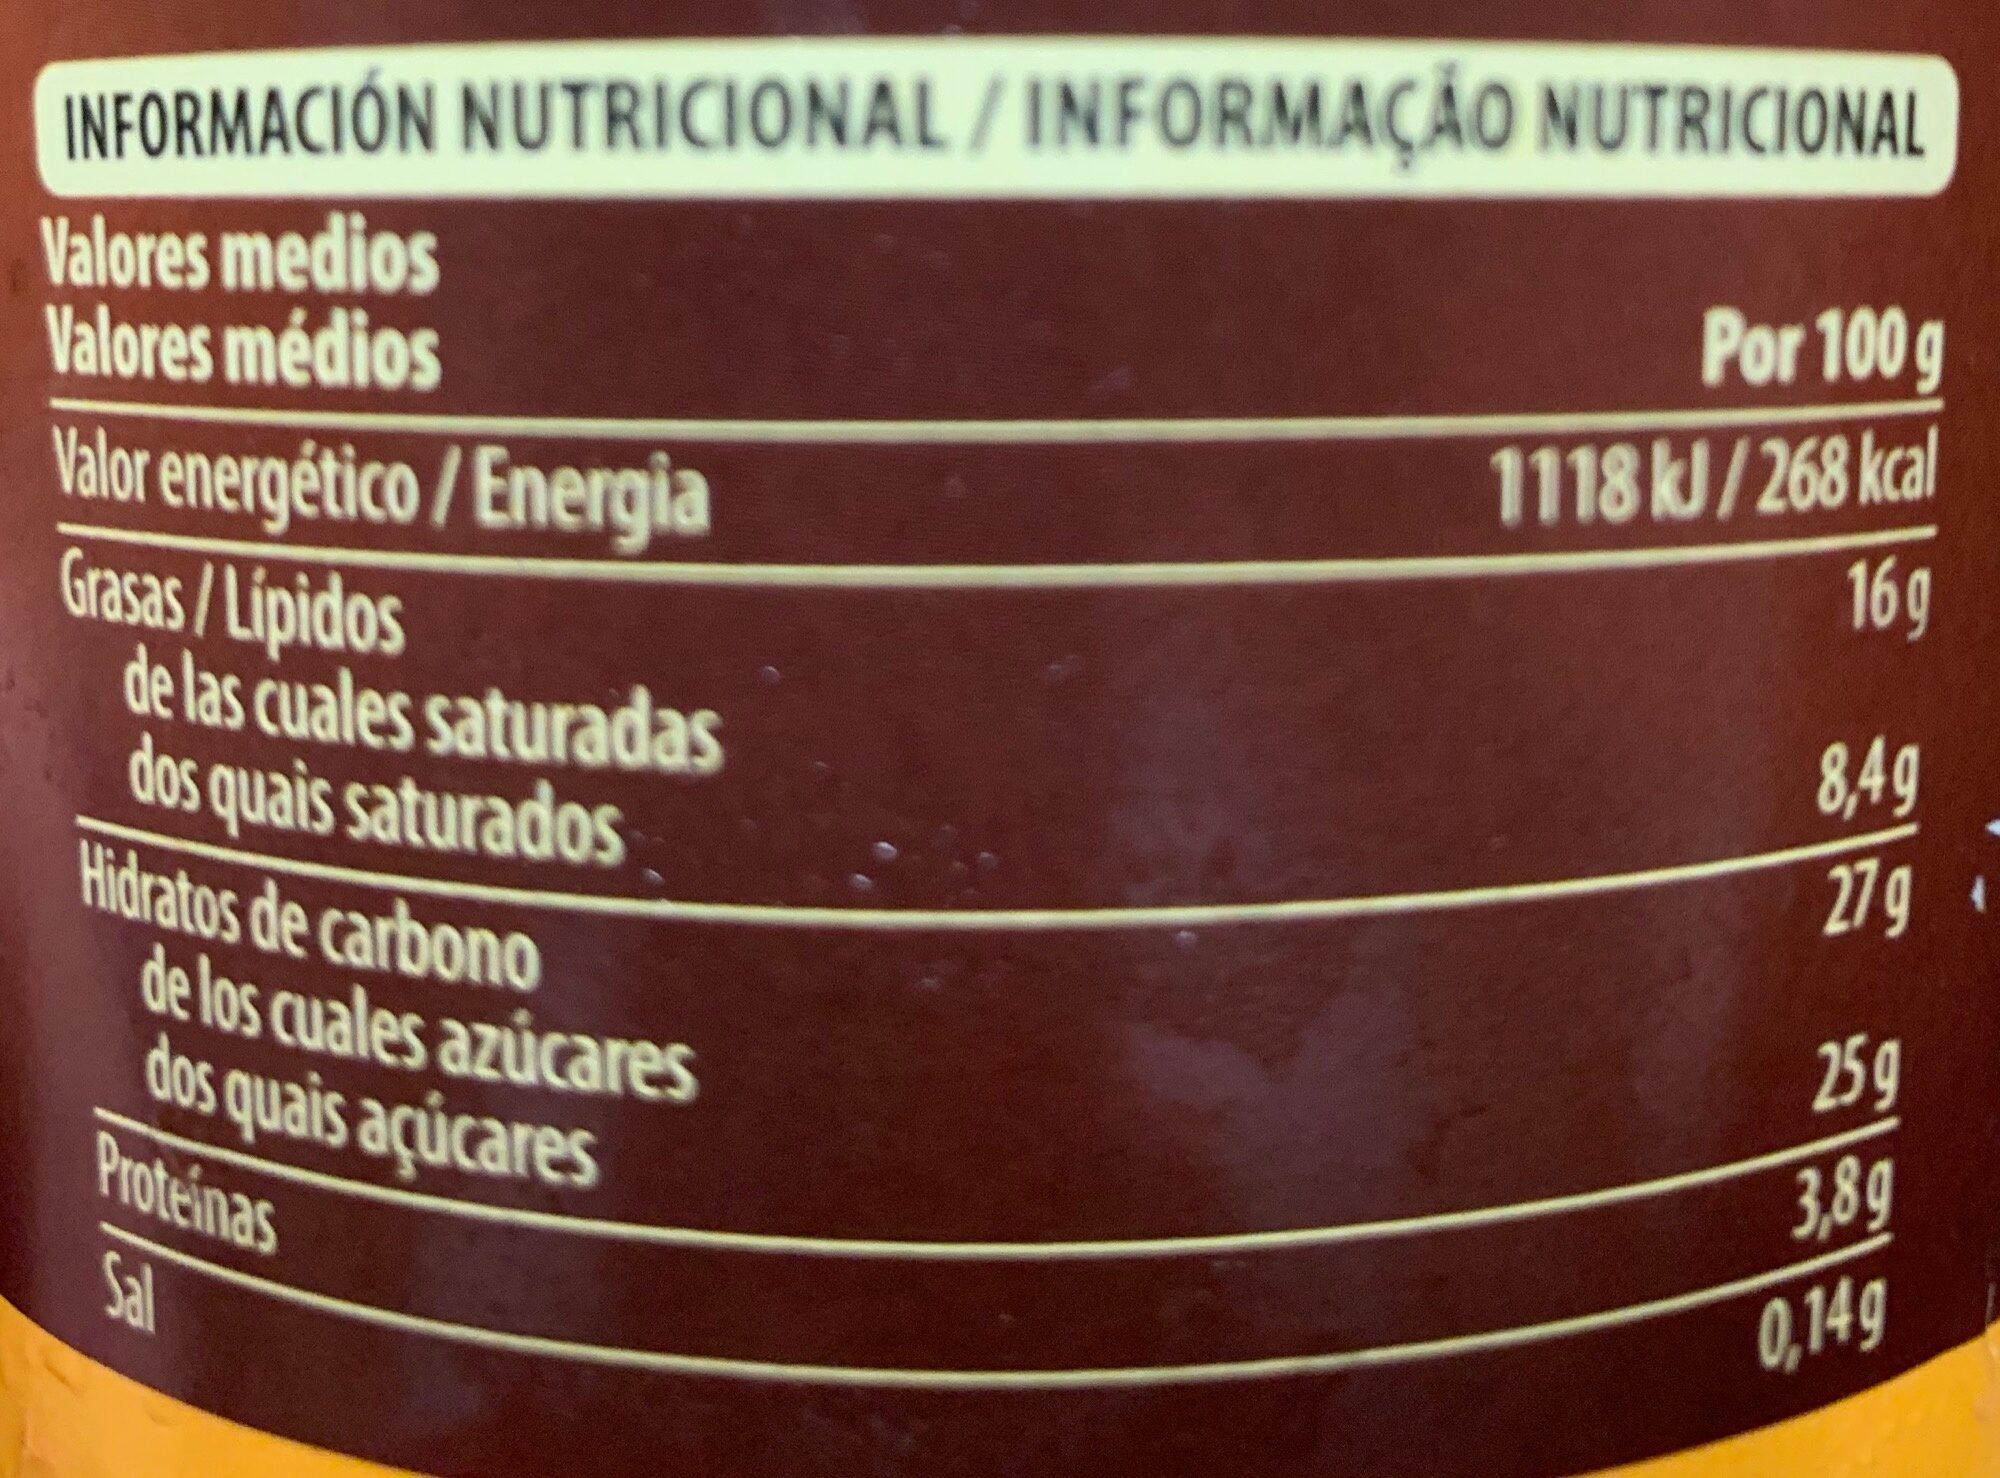 Vainilla y nueces de macadamia - Informació nutricional - es